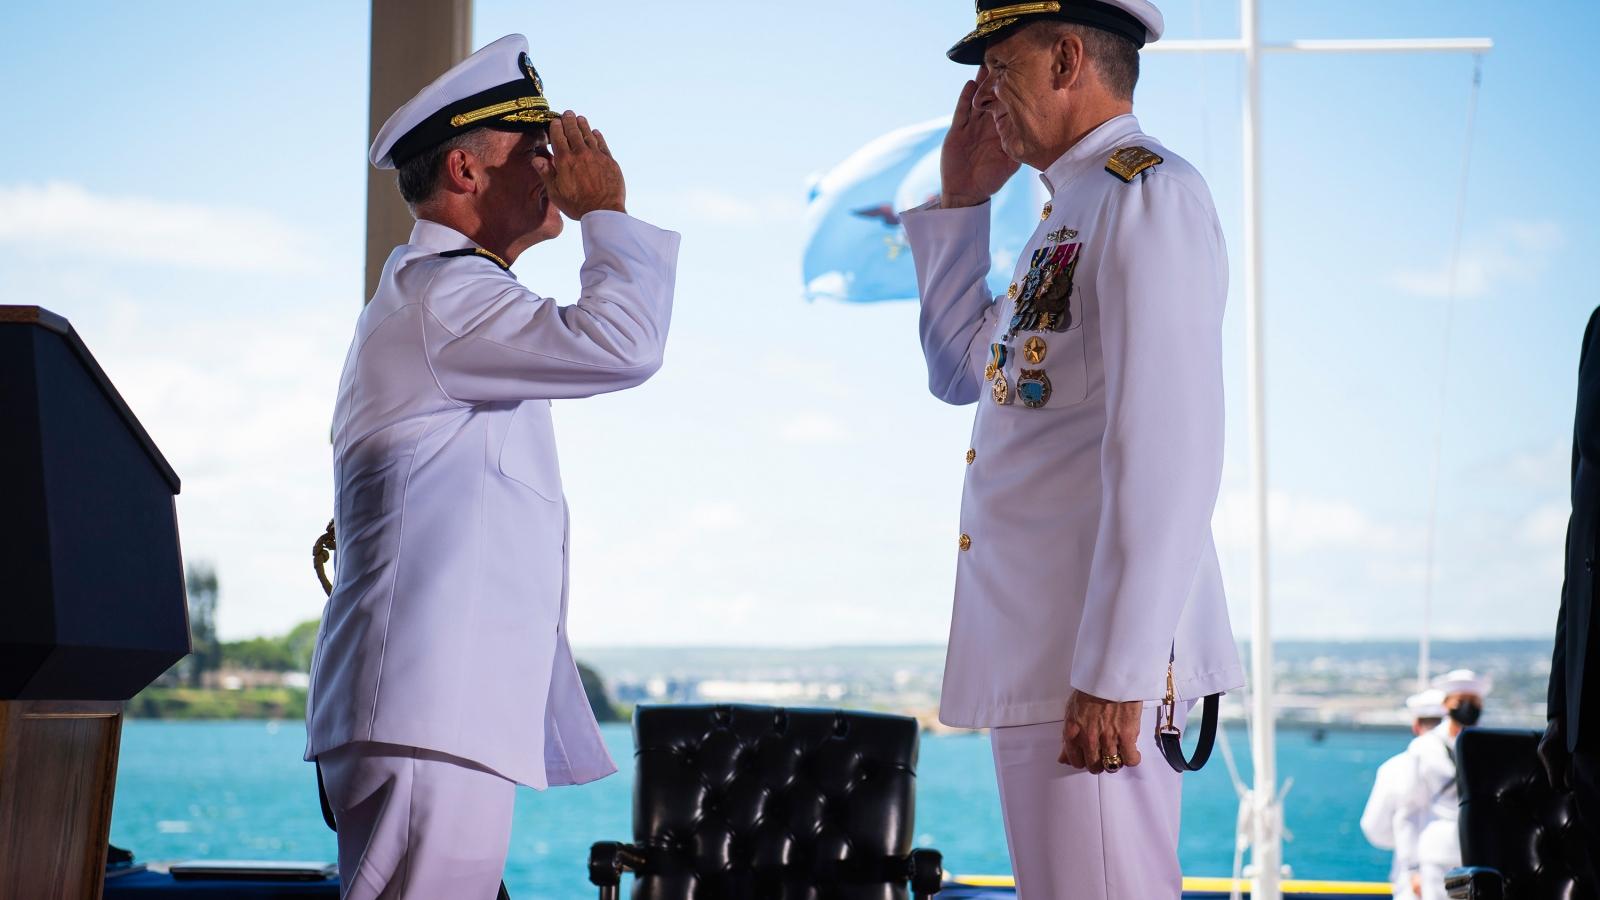 Đại sứ Hà Kim Ngọc dự lễ nhậm chức Tư lệnh các lực lượng Ấn Độ Thái Bình Dương của Hoa Kỳ